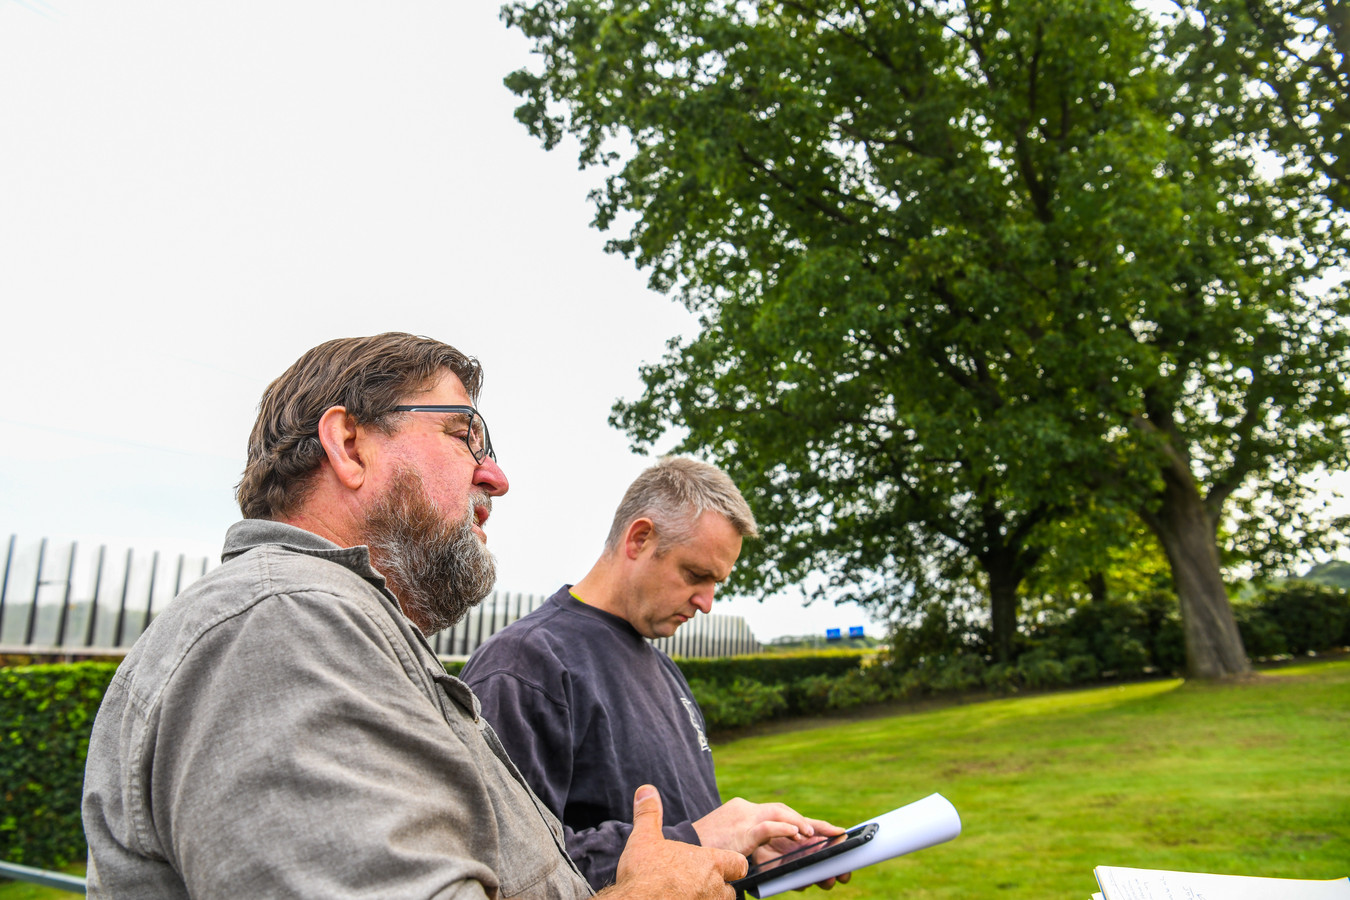 De 'Waardevolle bomenlijst' in Waalre werd vrijdag geactualiseerd.